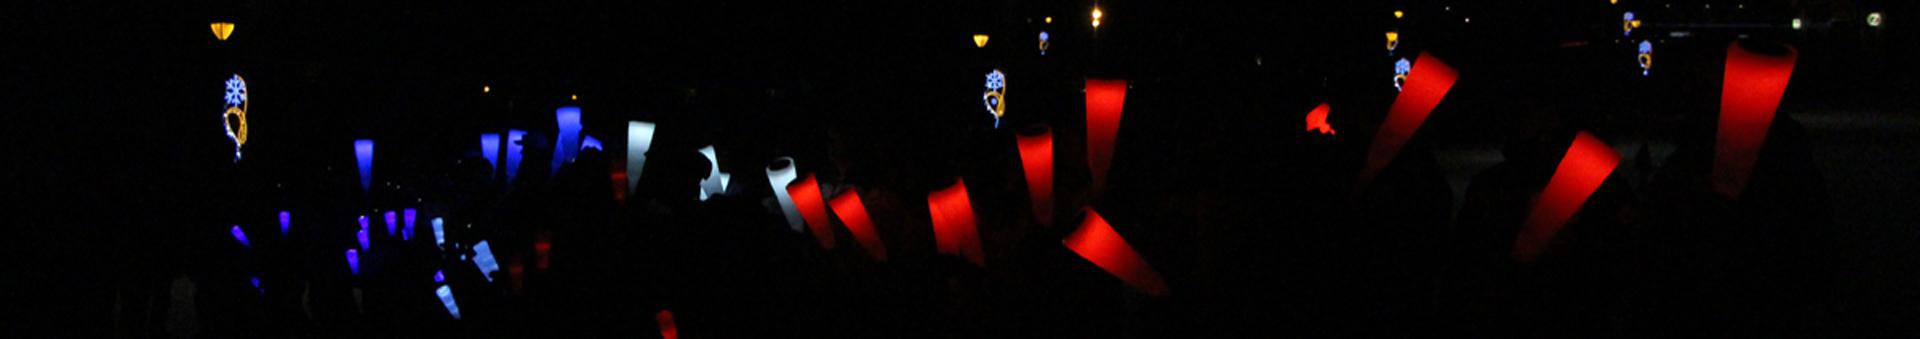 Descente aux flambeaux - Saint Jean d'Arves Les Sybelles